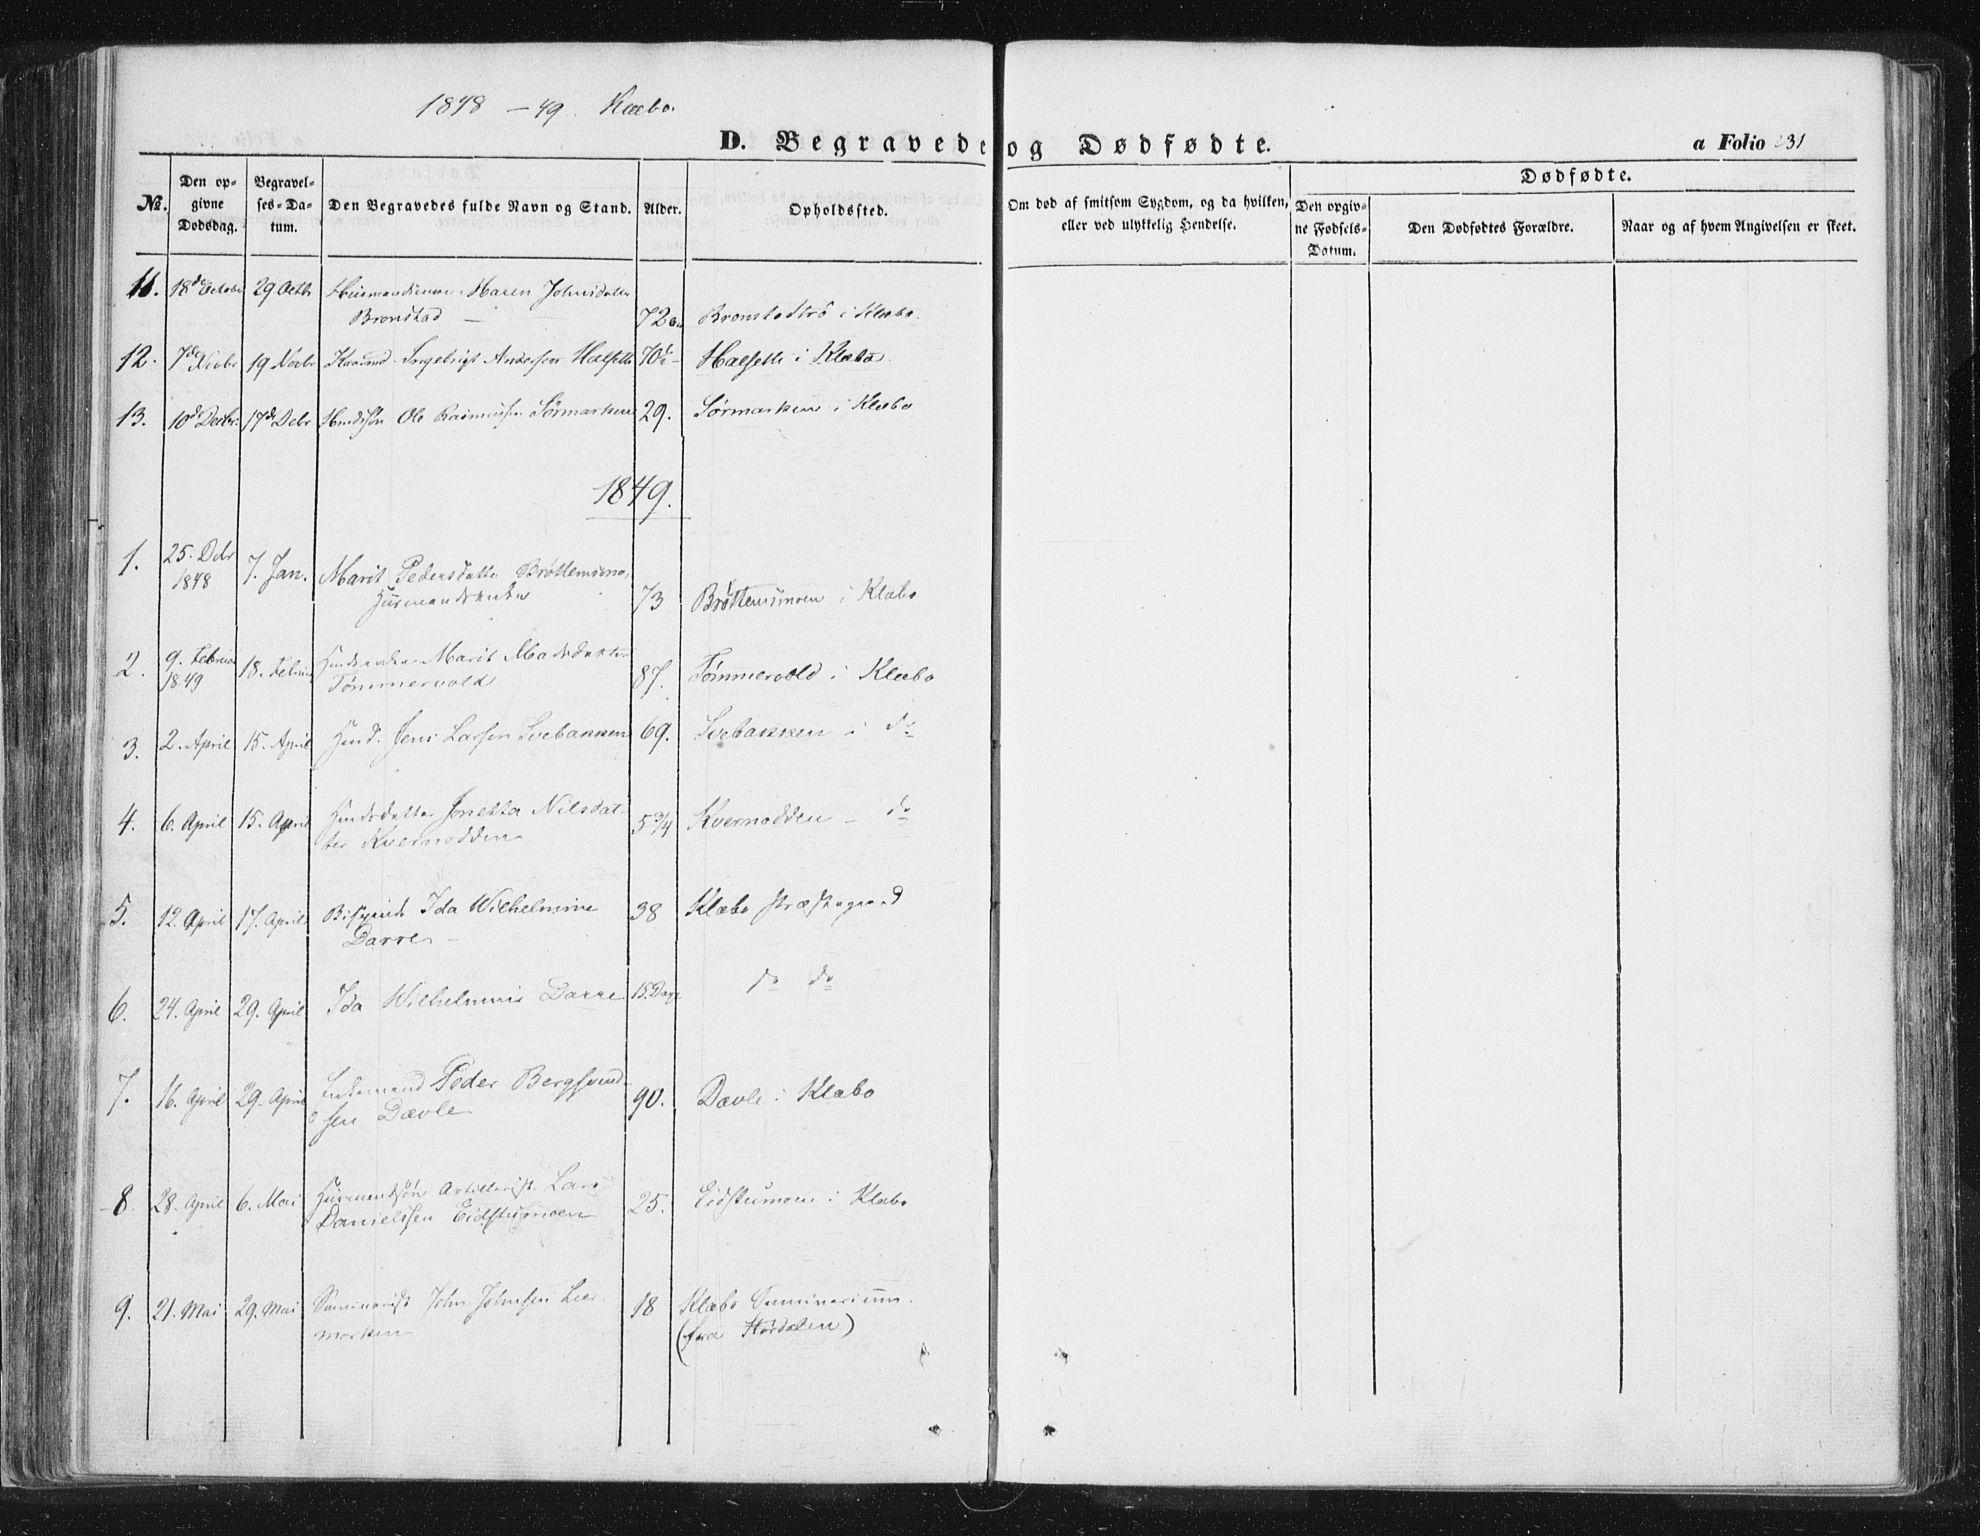 SAT, Ministerialprotokoller, klokkerbøker og fødselsregistre - Sør-Trøndelag, 618/L0441: Ministerialbok nr. 618A05, 1843-1862, s. 231